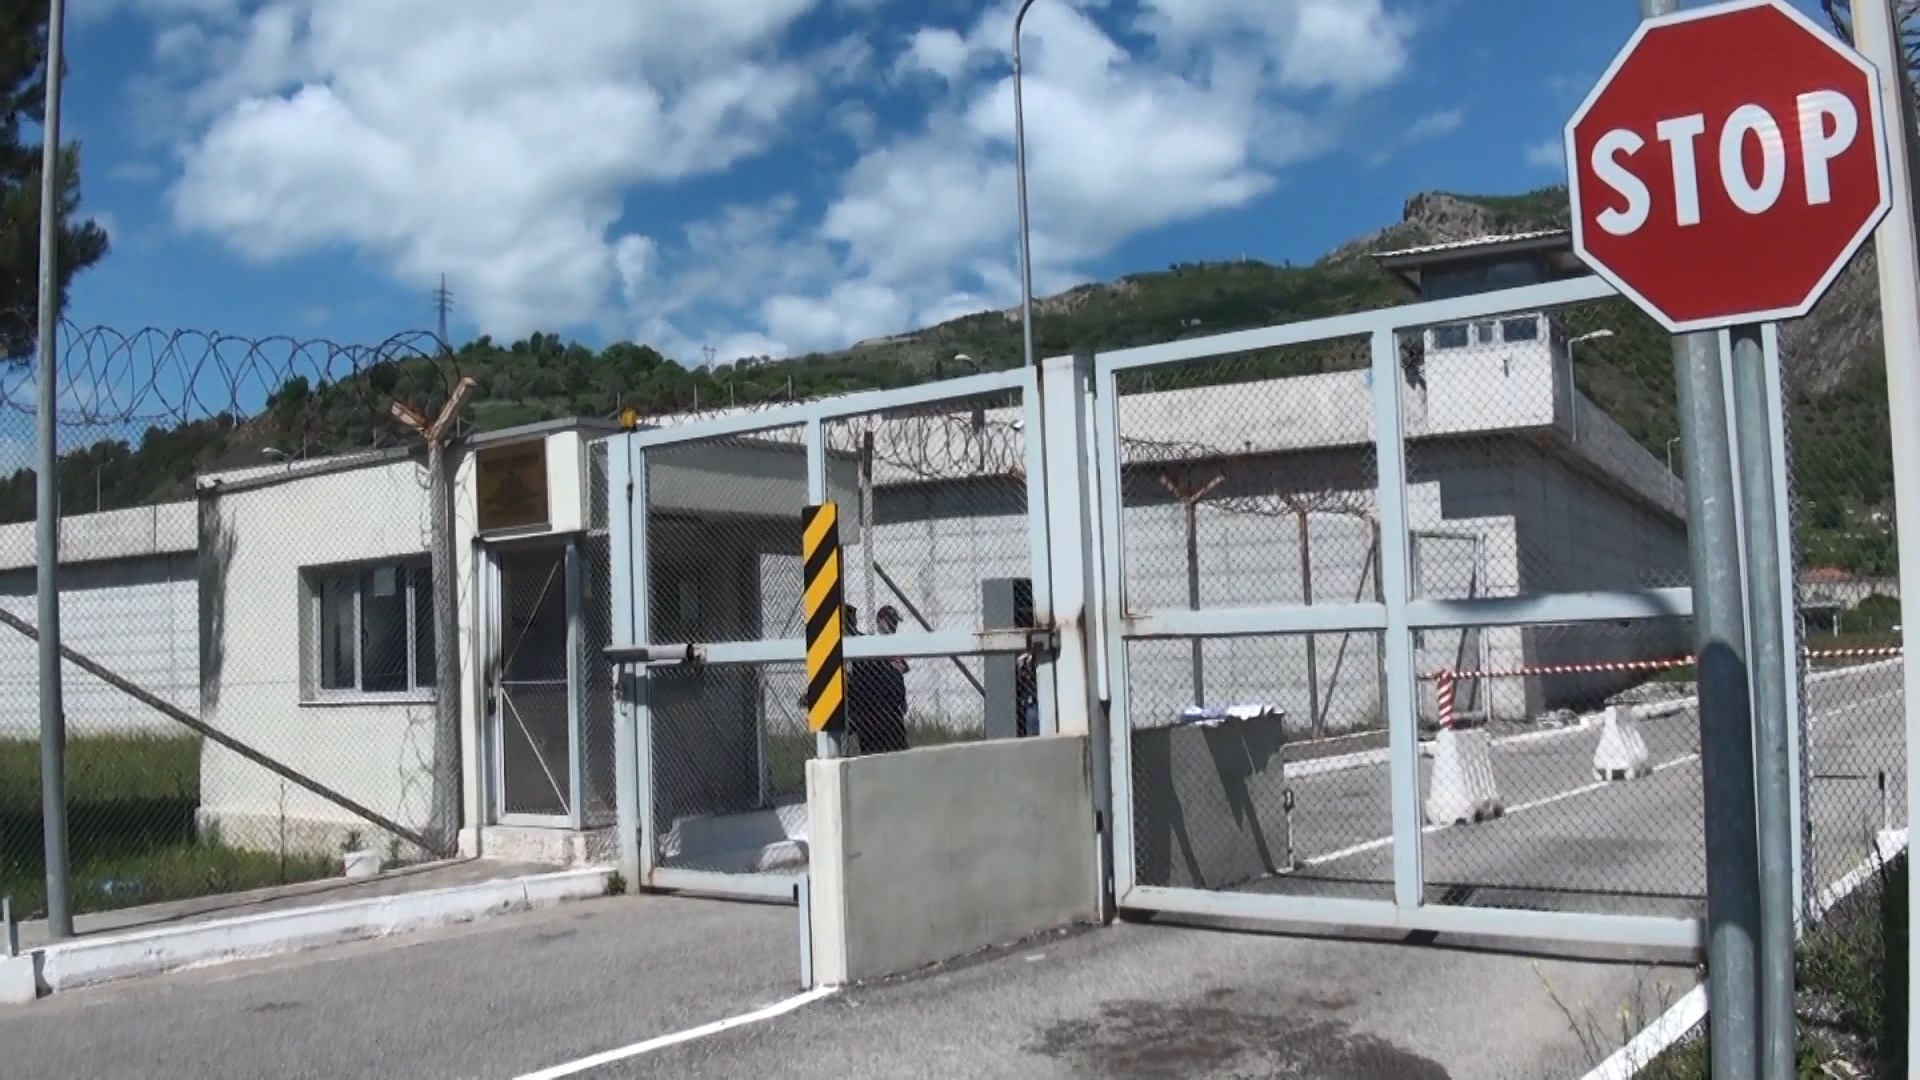 Burgjet, nuk ndryshon numri i të izoluarve në qeli